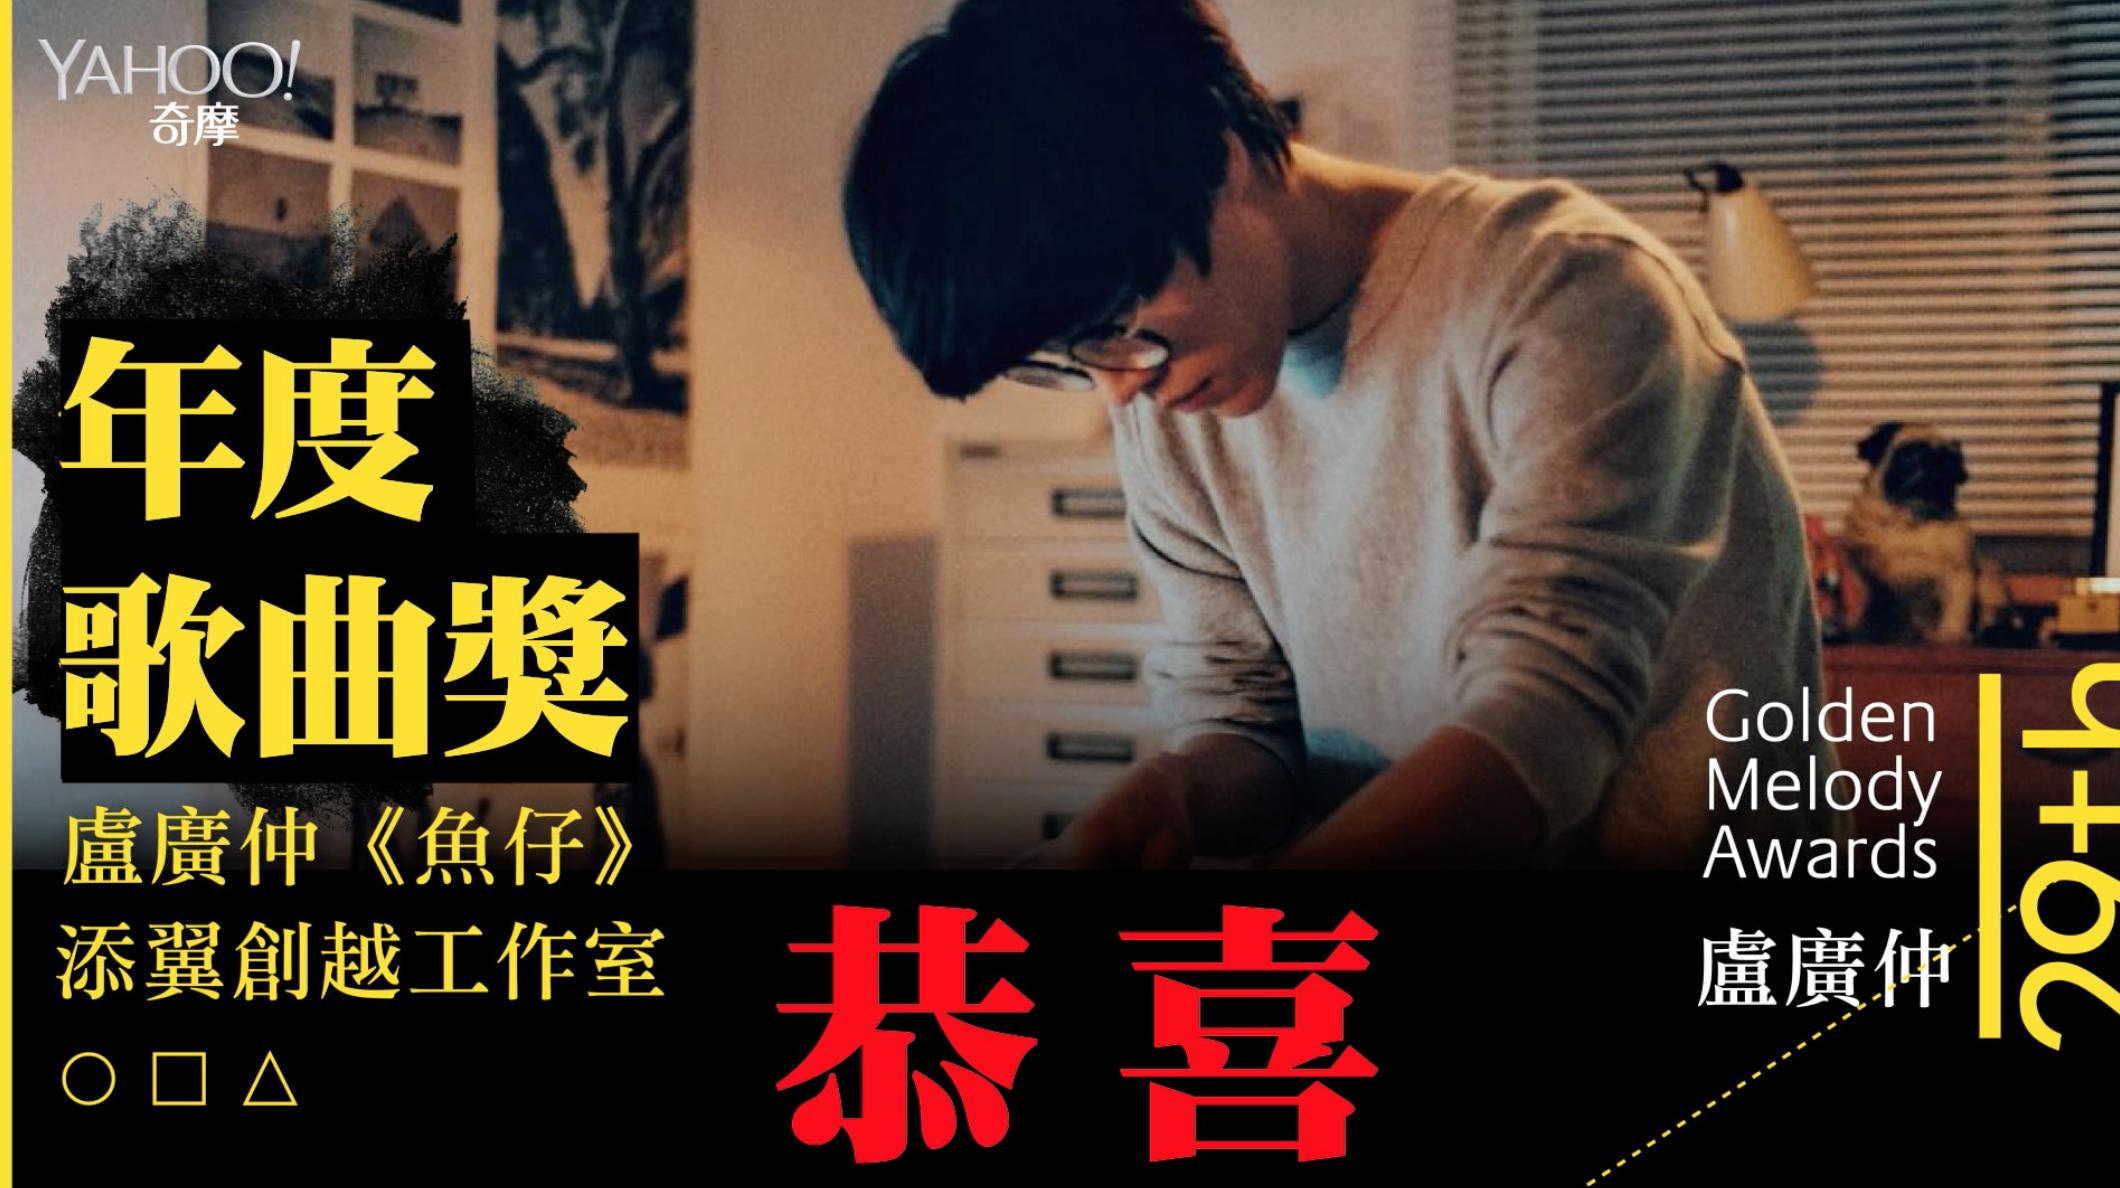 金曲29/年度歌曲獎:魚仔《魚仔》/盧廣仲